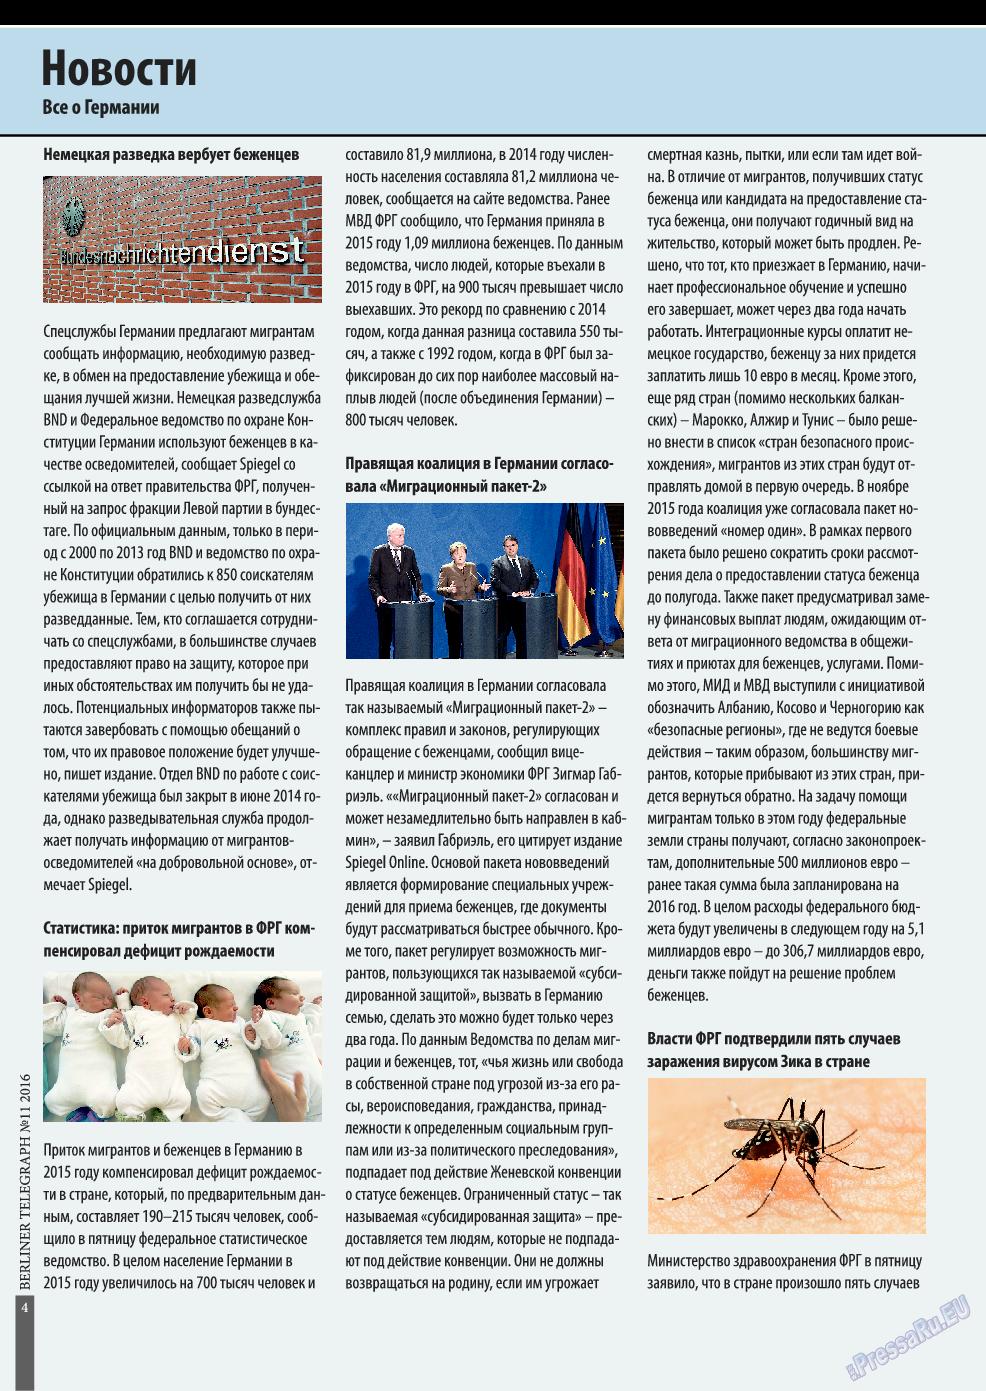 Берлинский телеграф (журнал). 2016 год, номер 11, стр. 4